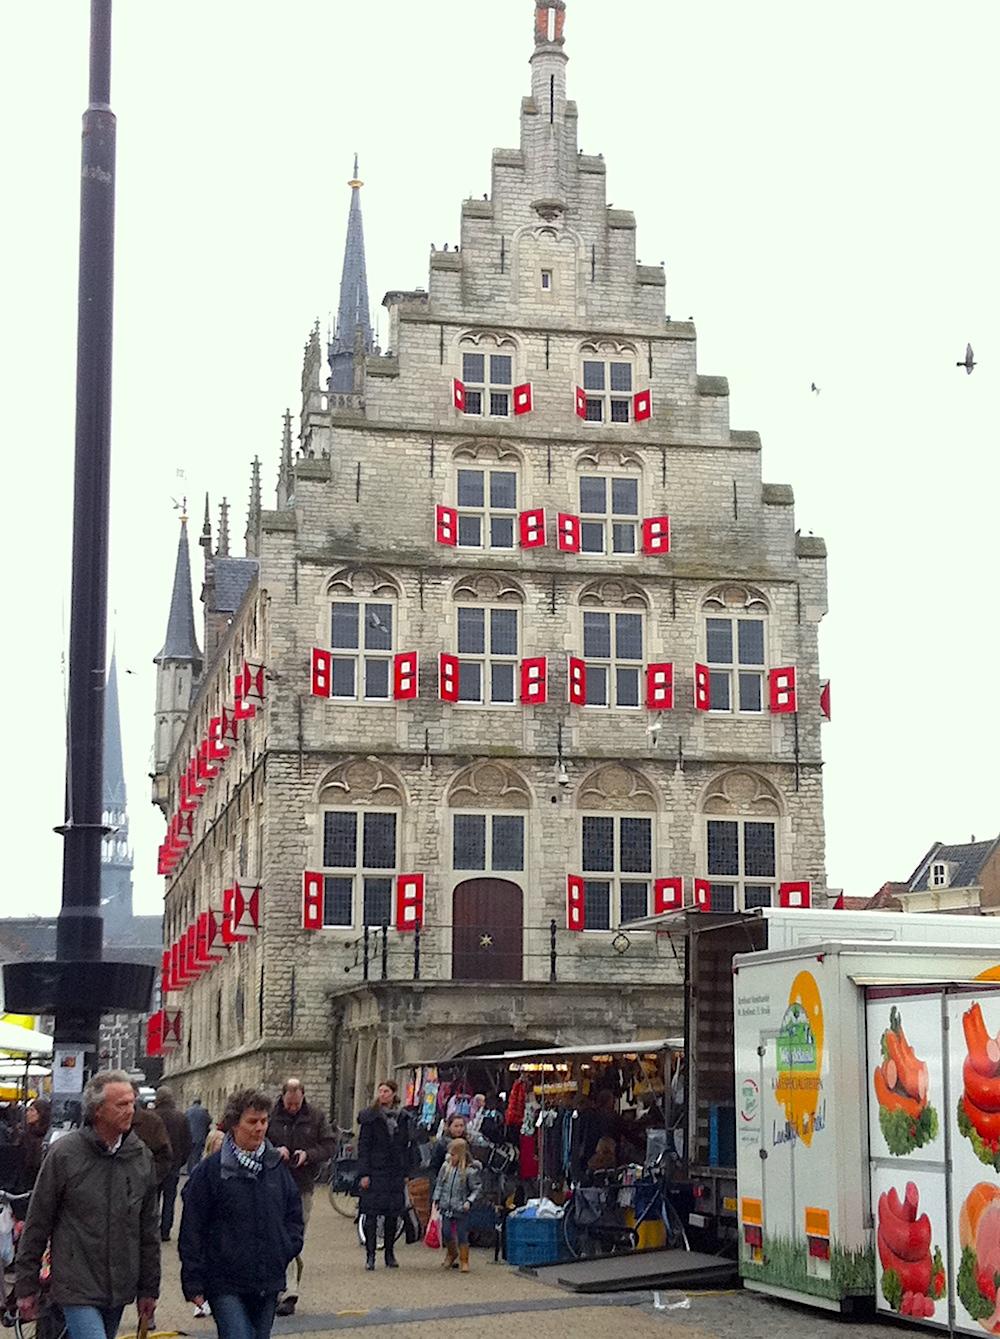 Gouda market square